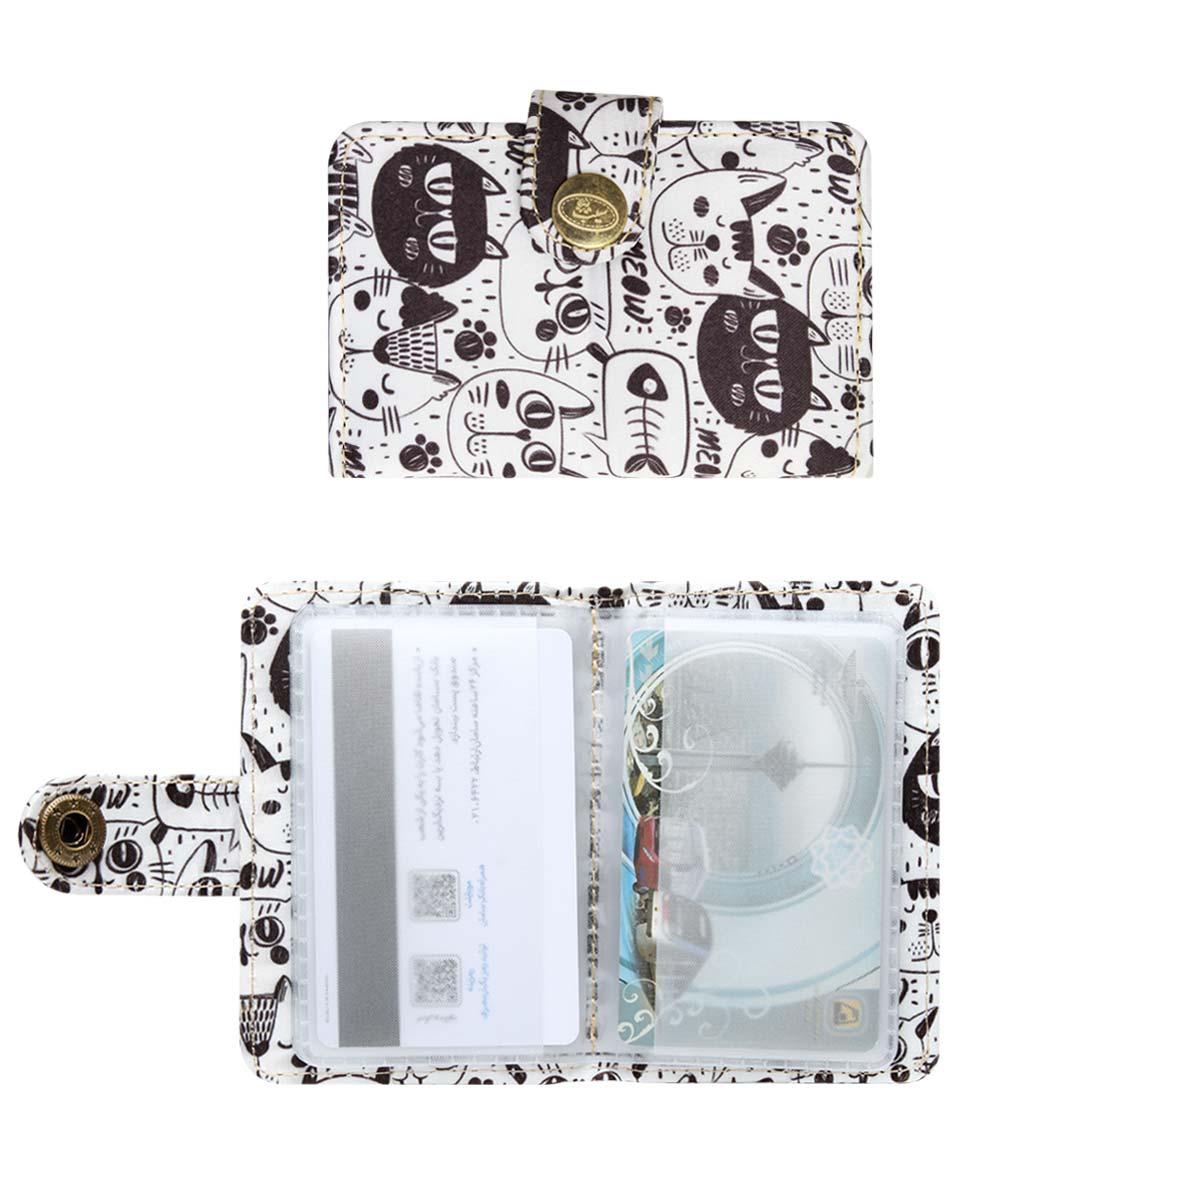 جاکارتی دکمه دار با جلد پارچه ای jc64